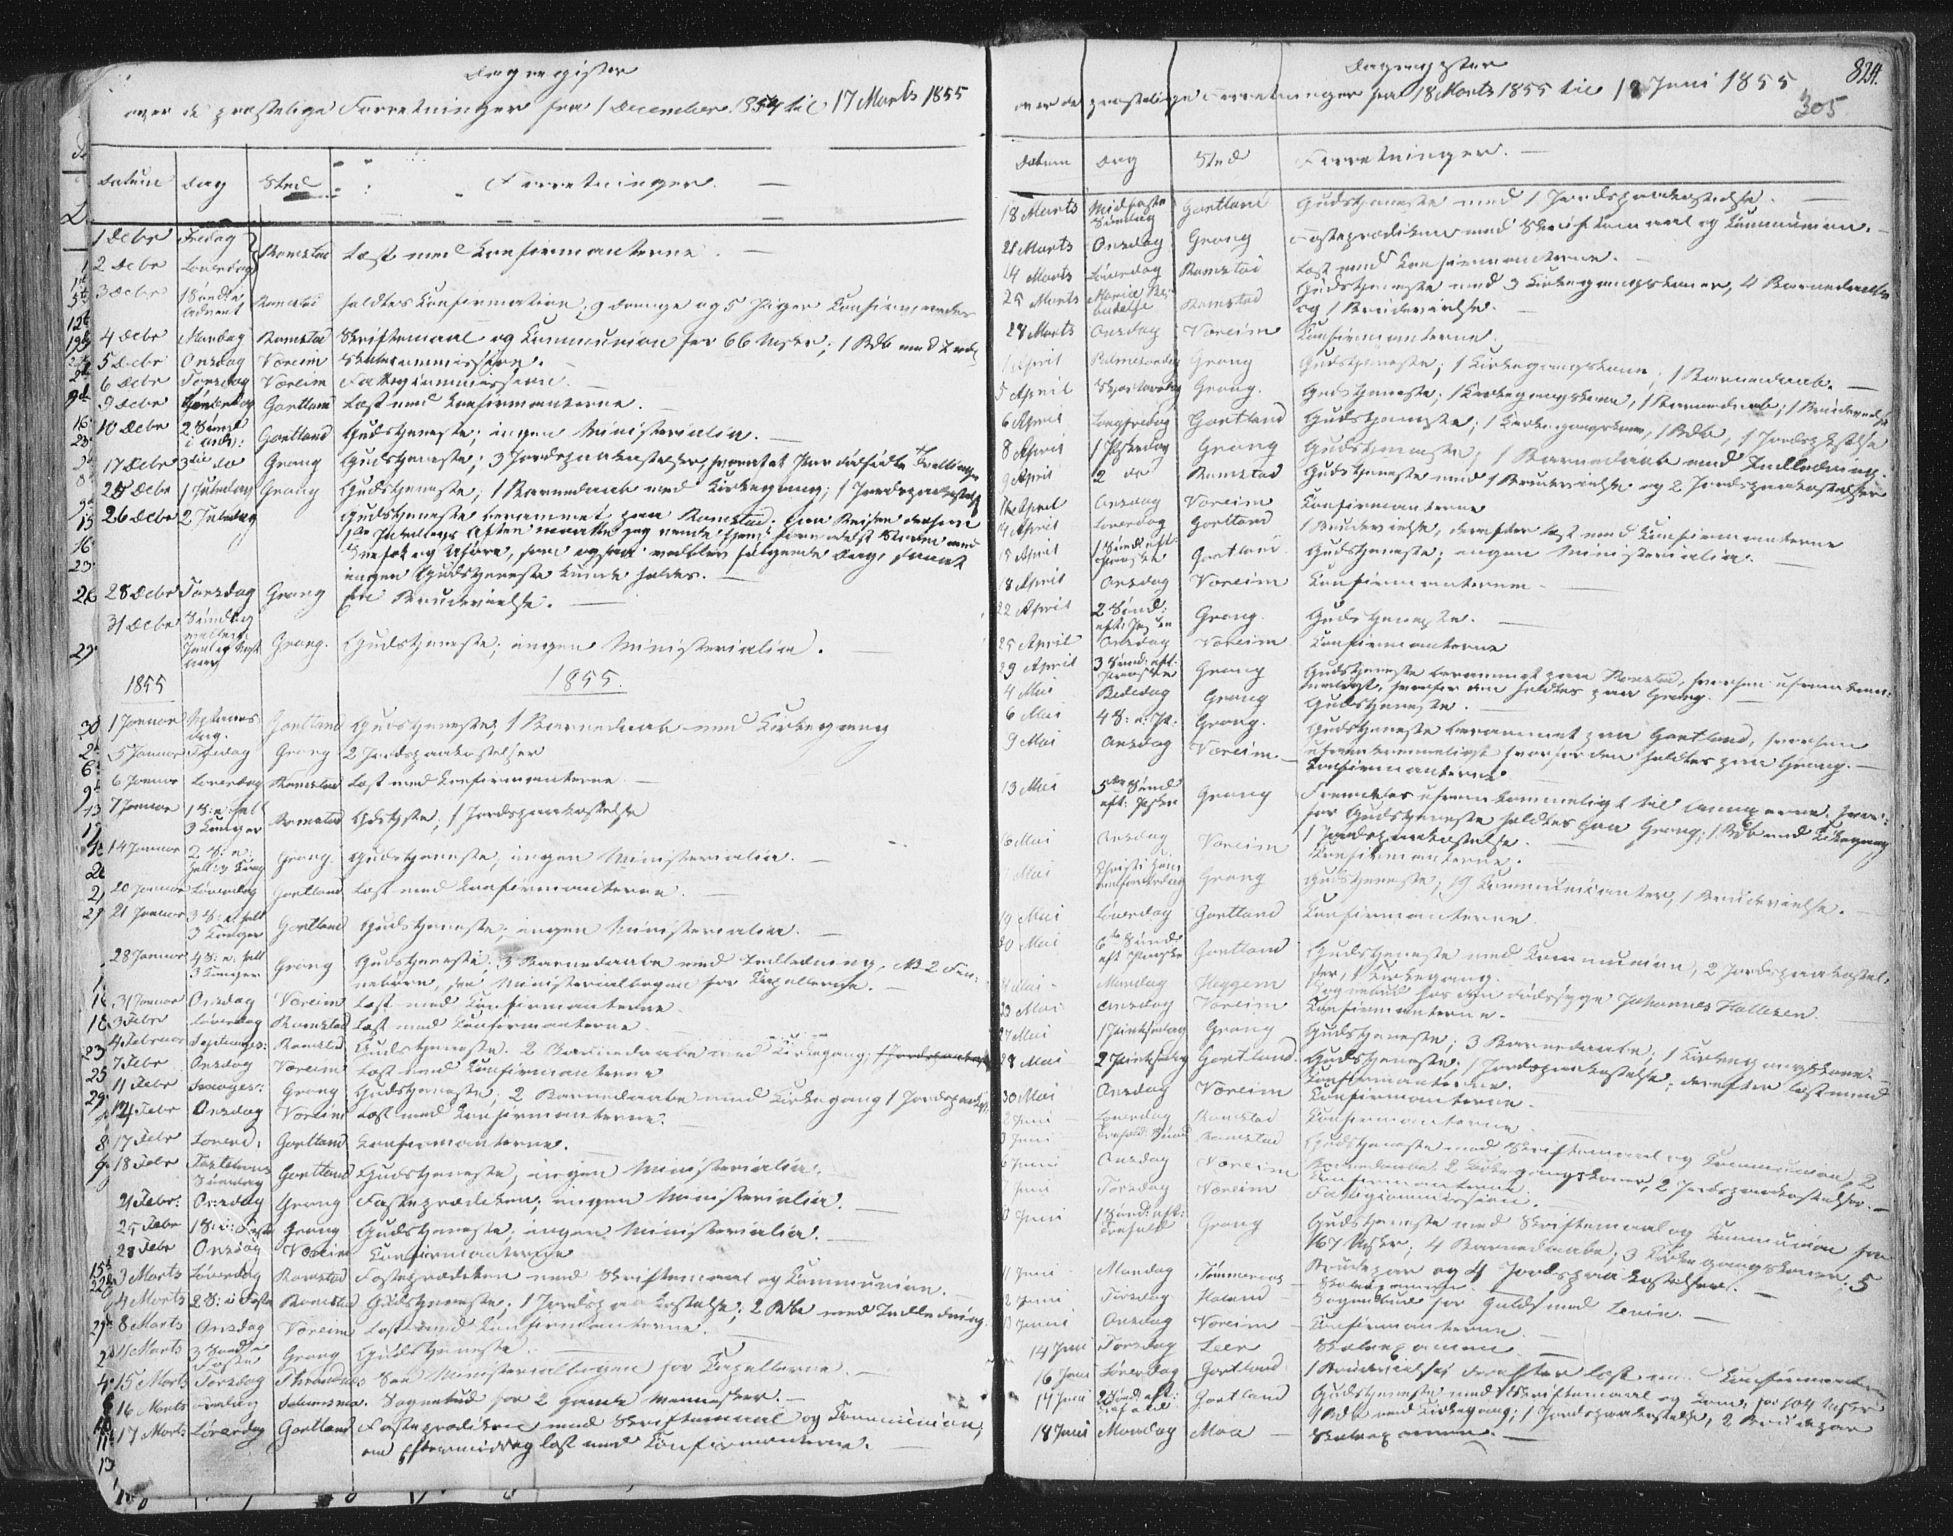 SAT, Ministerialprotokoller, klokkerbøker og fødselsregistre - Nord-Trøndelag, 758/L0513: Ministerialbok nr. 758A02 /1, 1839-1868, s. 305